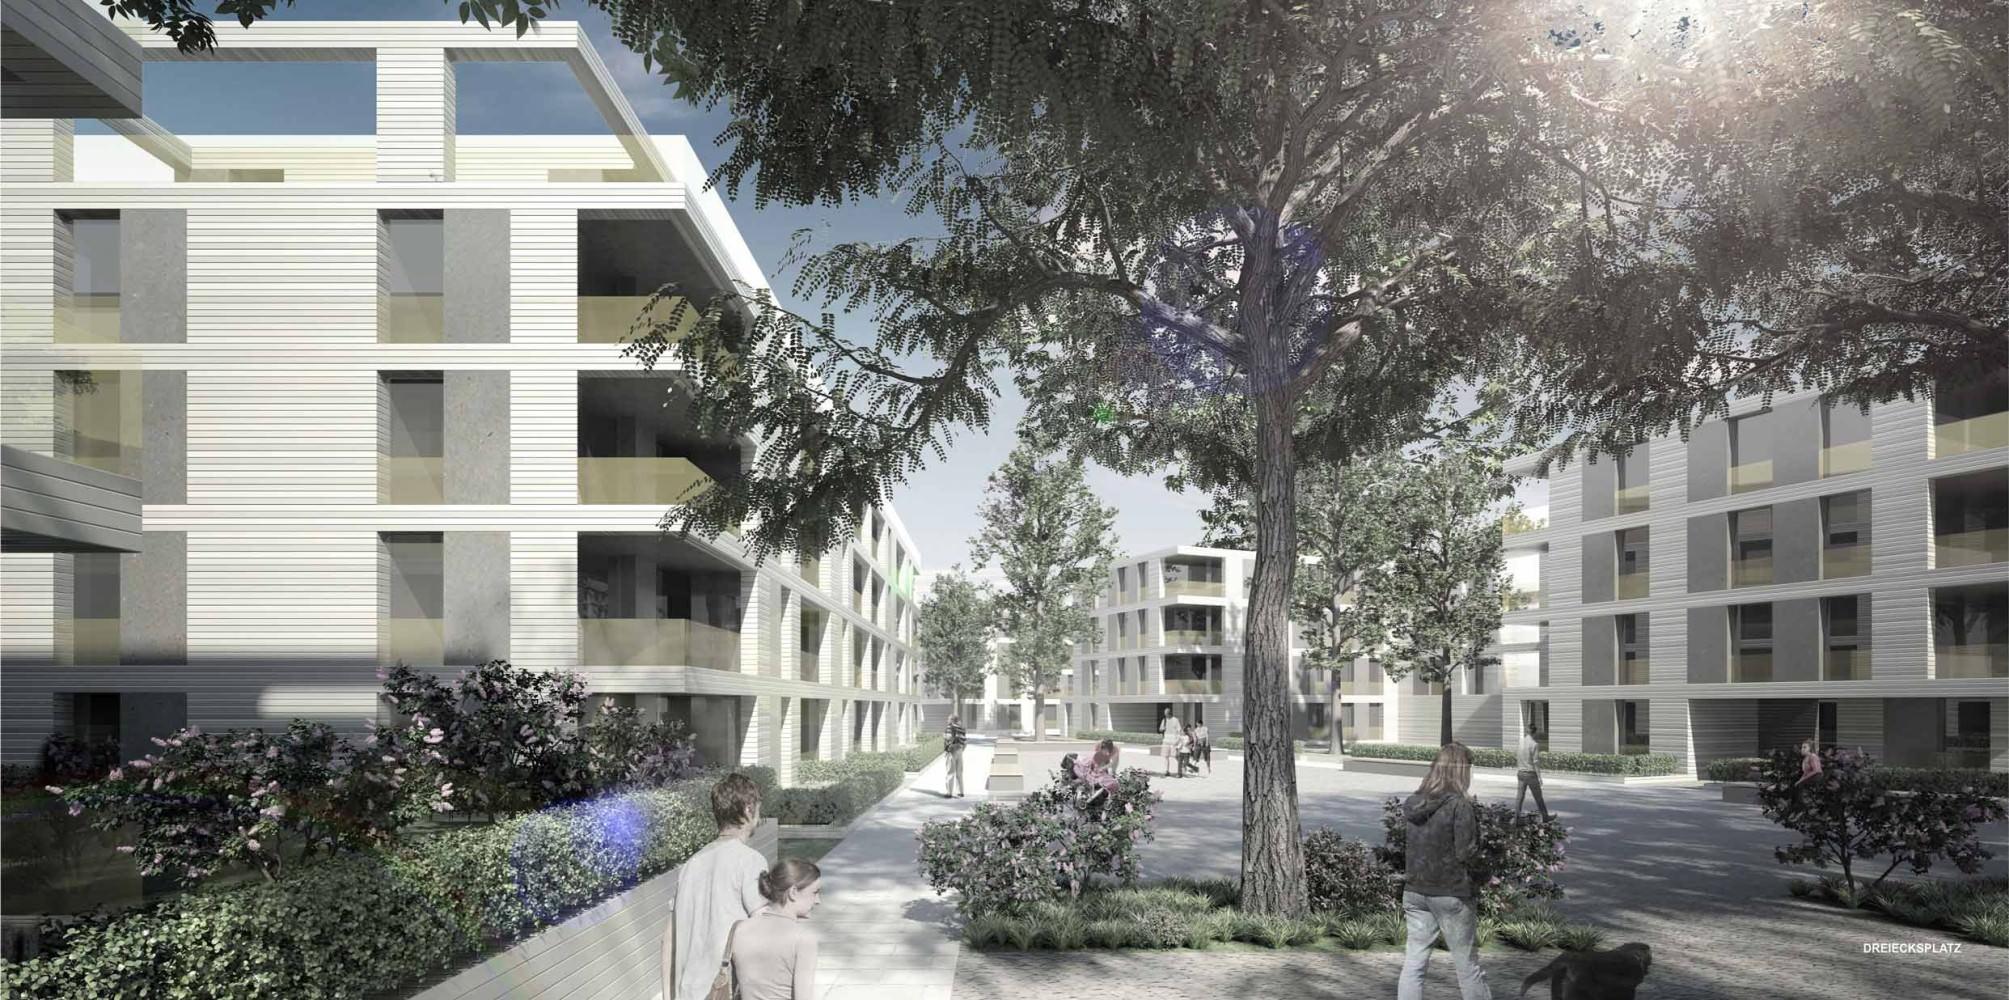 pbs-architekten-wohnen-campuswest-aachen-01